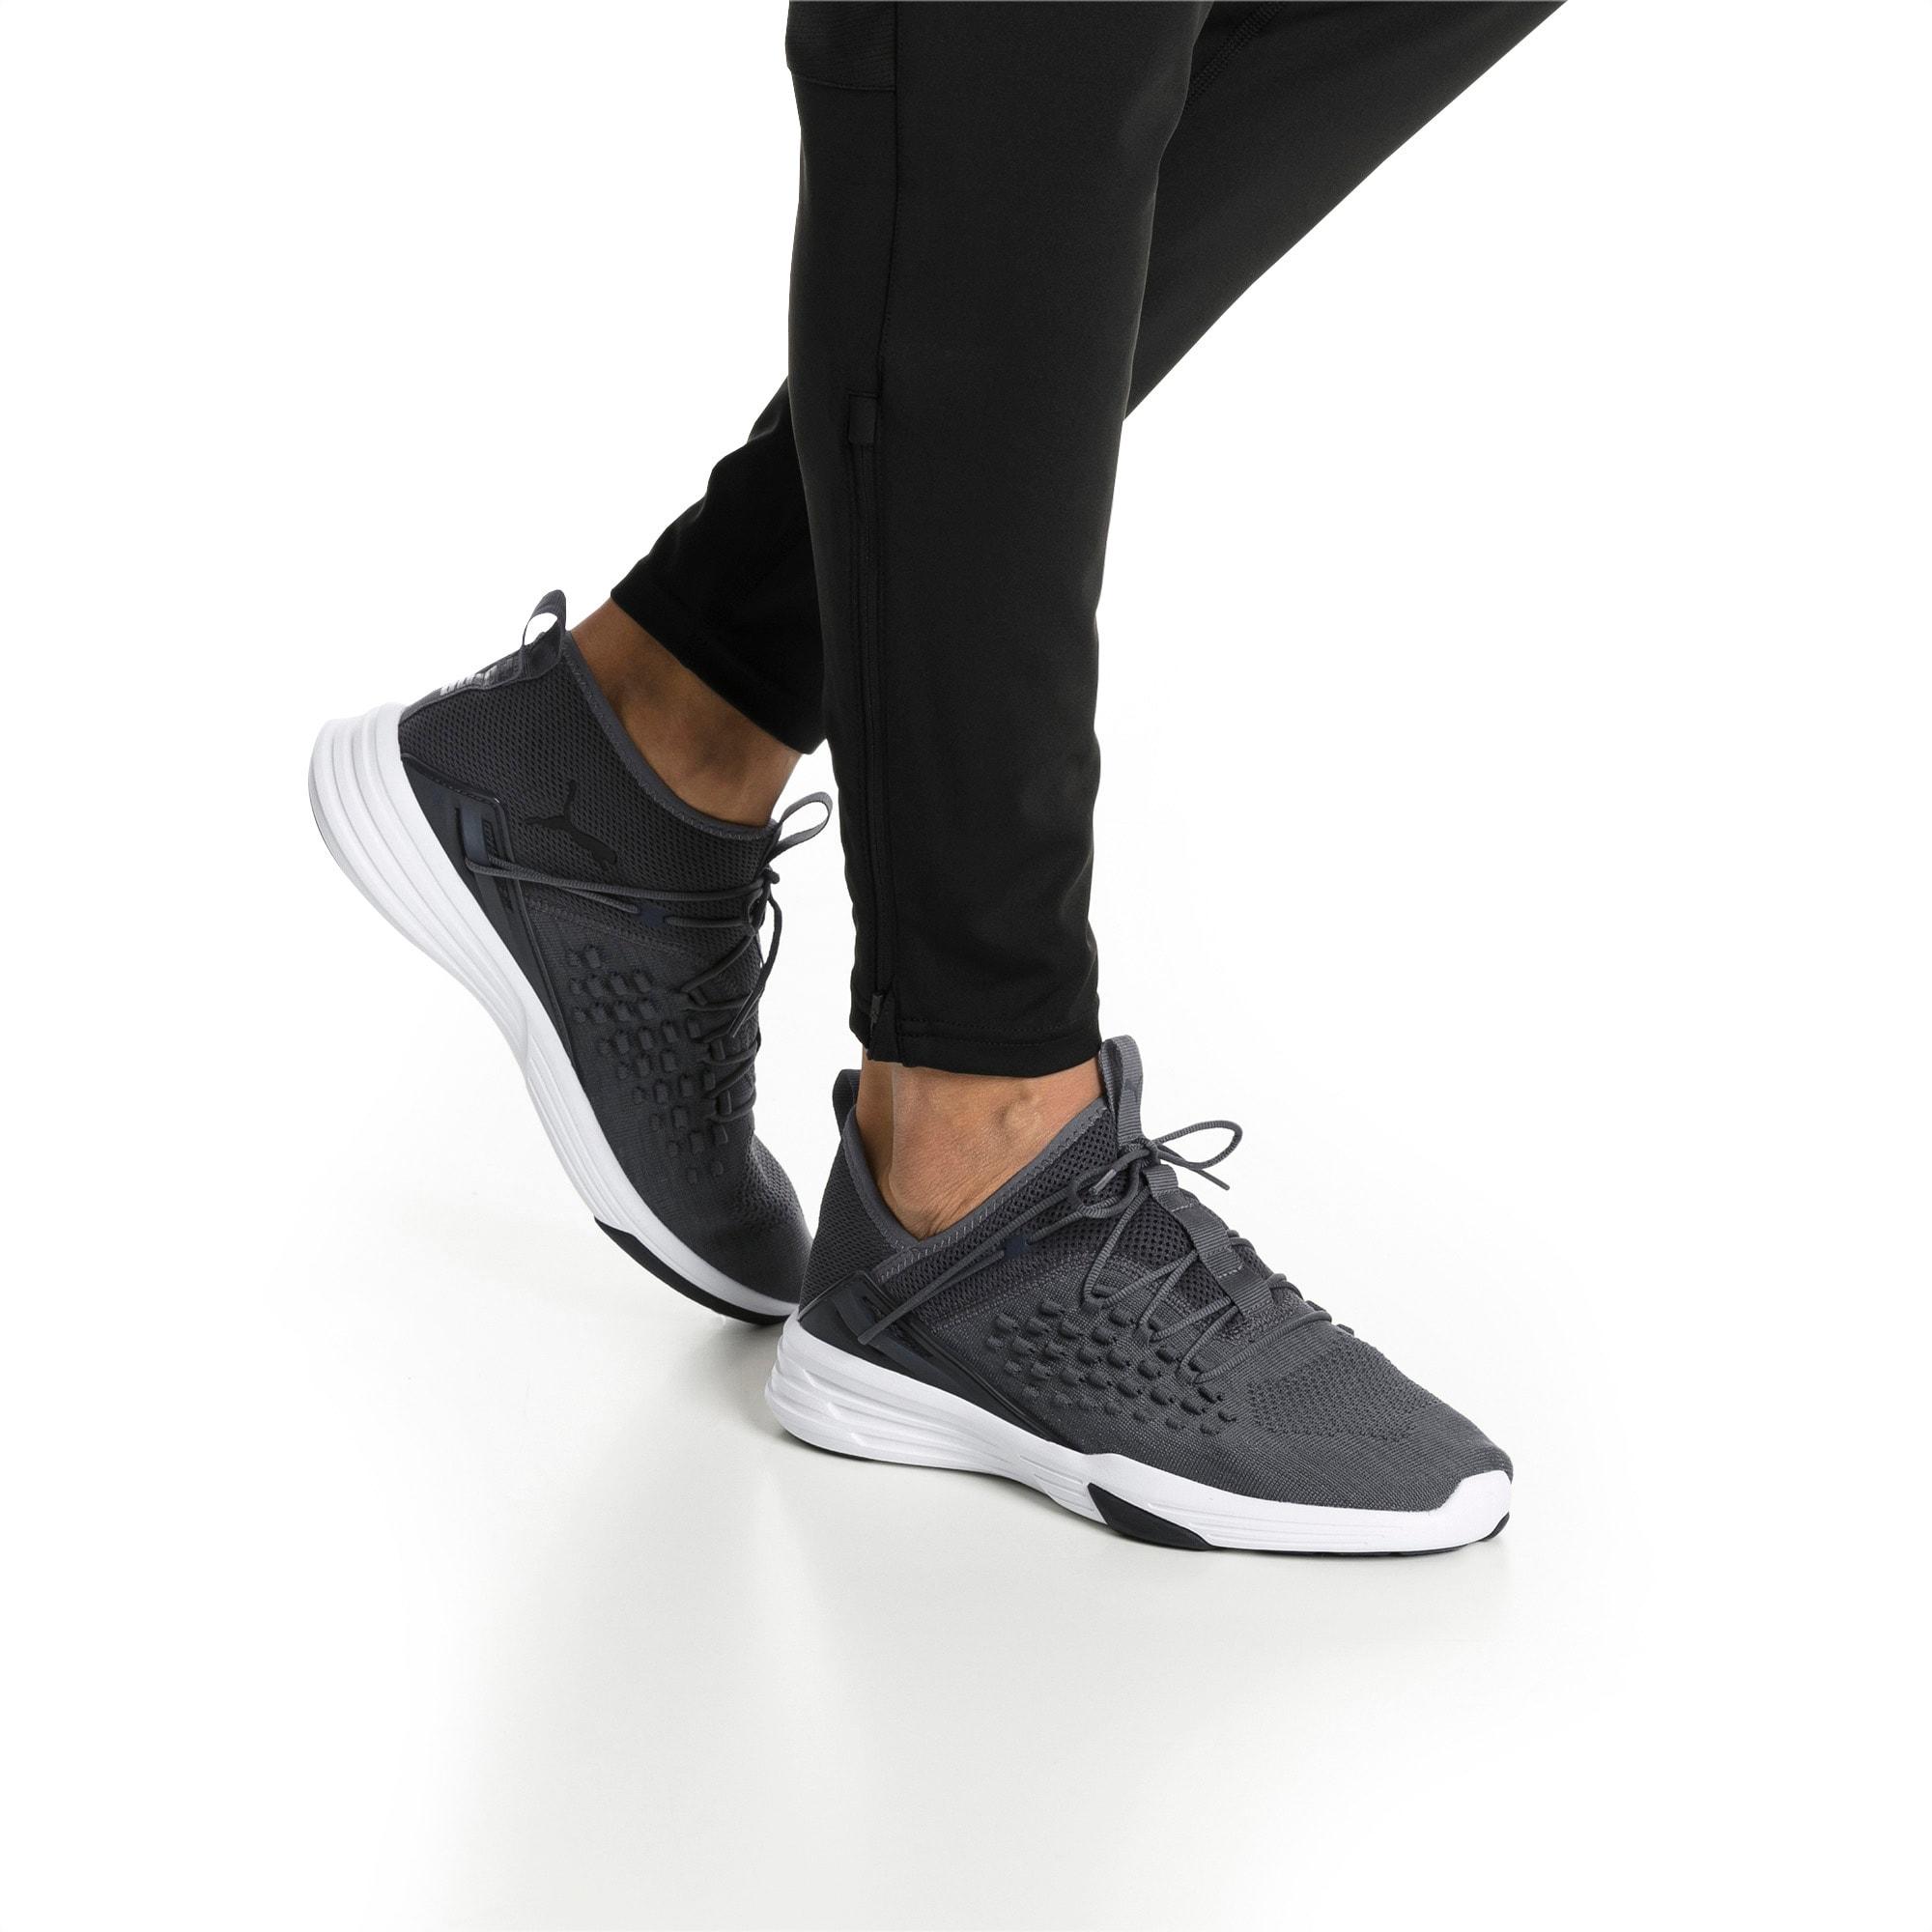 chorro físico porcelana  Mantra FUSEFIT Men's Shoes   PUMA Training & Gym   PUMA